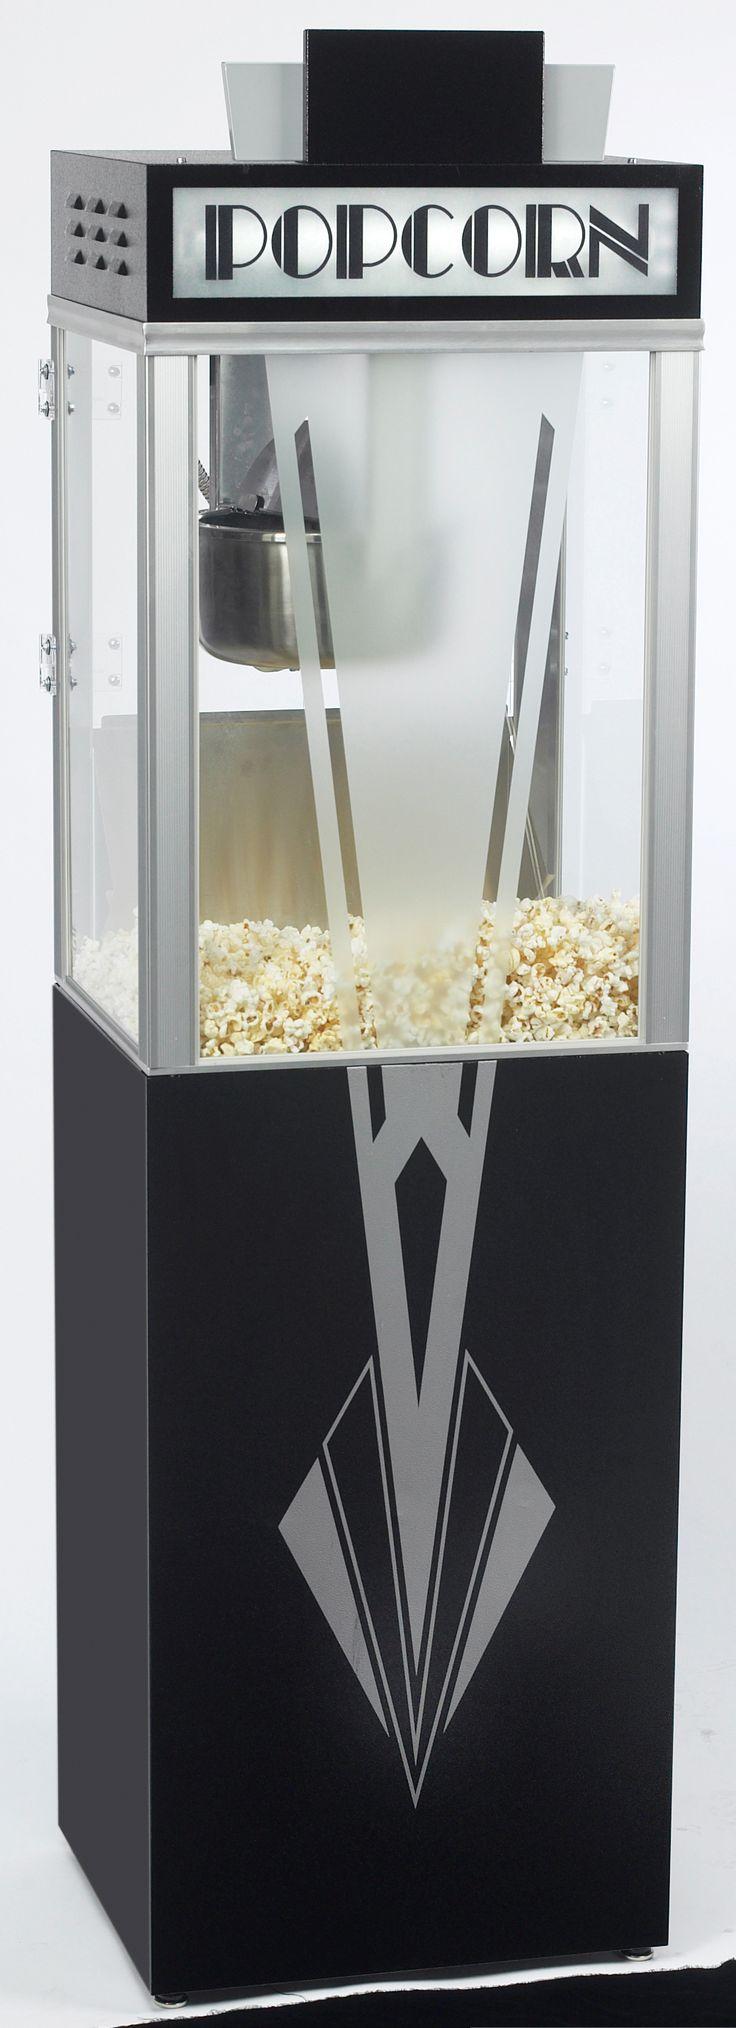 Art Deco Popcornmaskin med underrede - Scandimatic AB - Sockervadd Maskin   Popcornmaskin   Sockerspinnare   Korvkokare